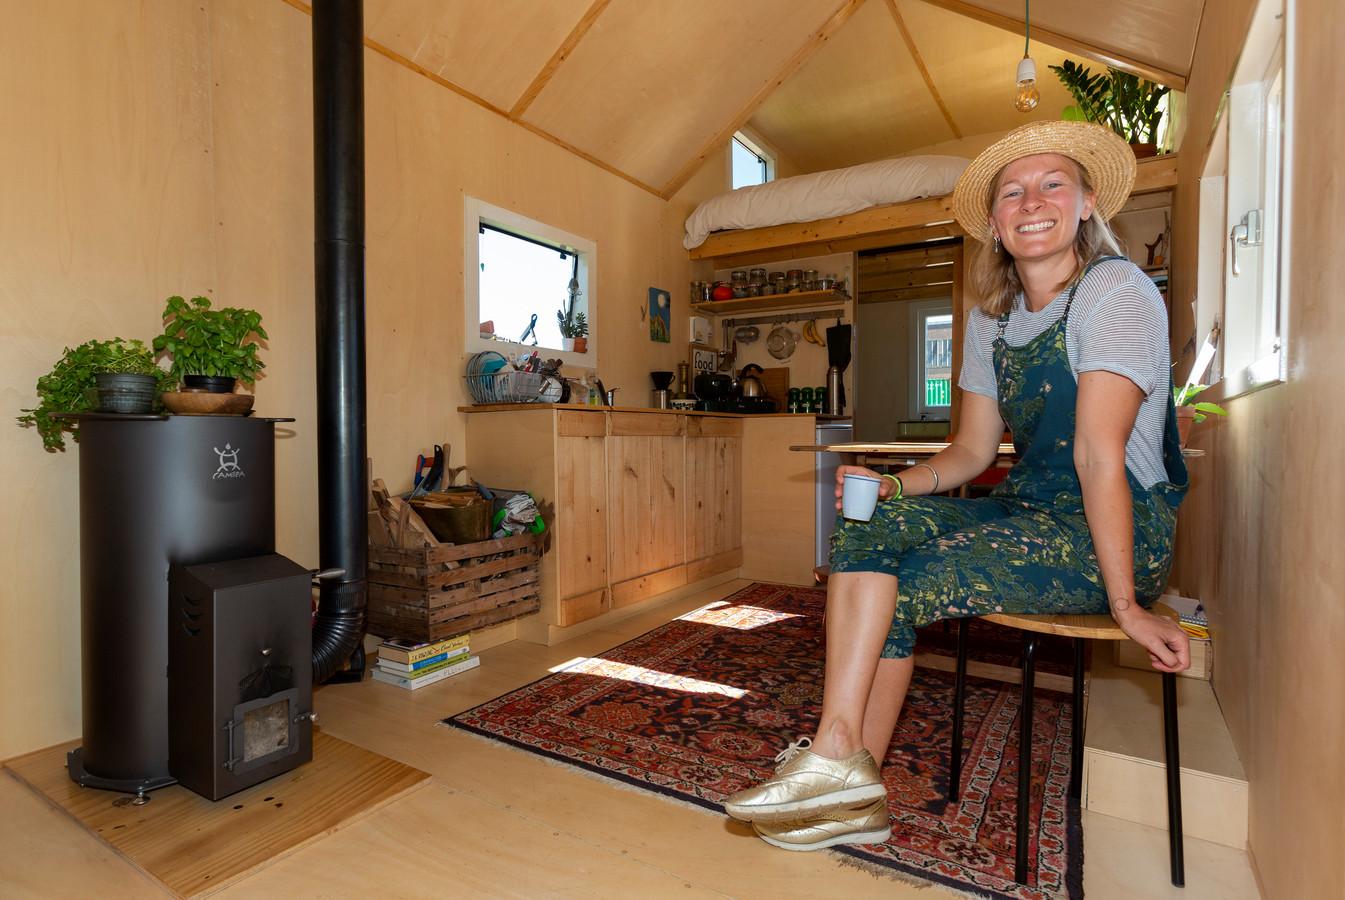 De bewoonster van een tiny house in Delft.